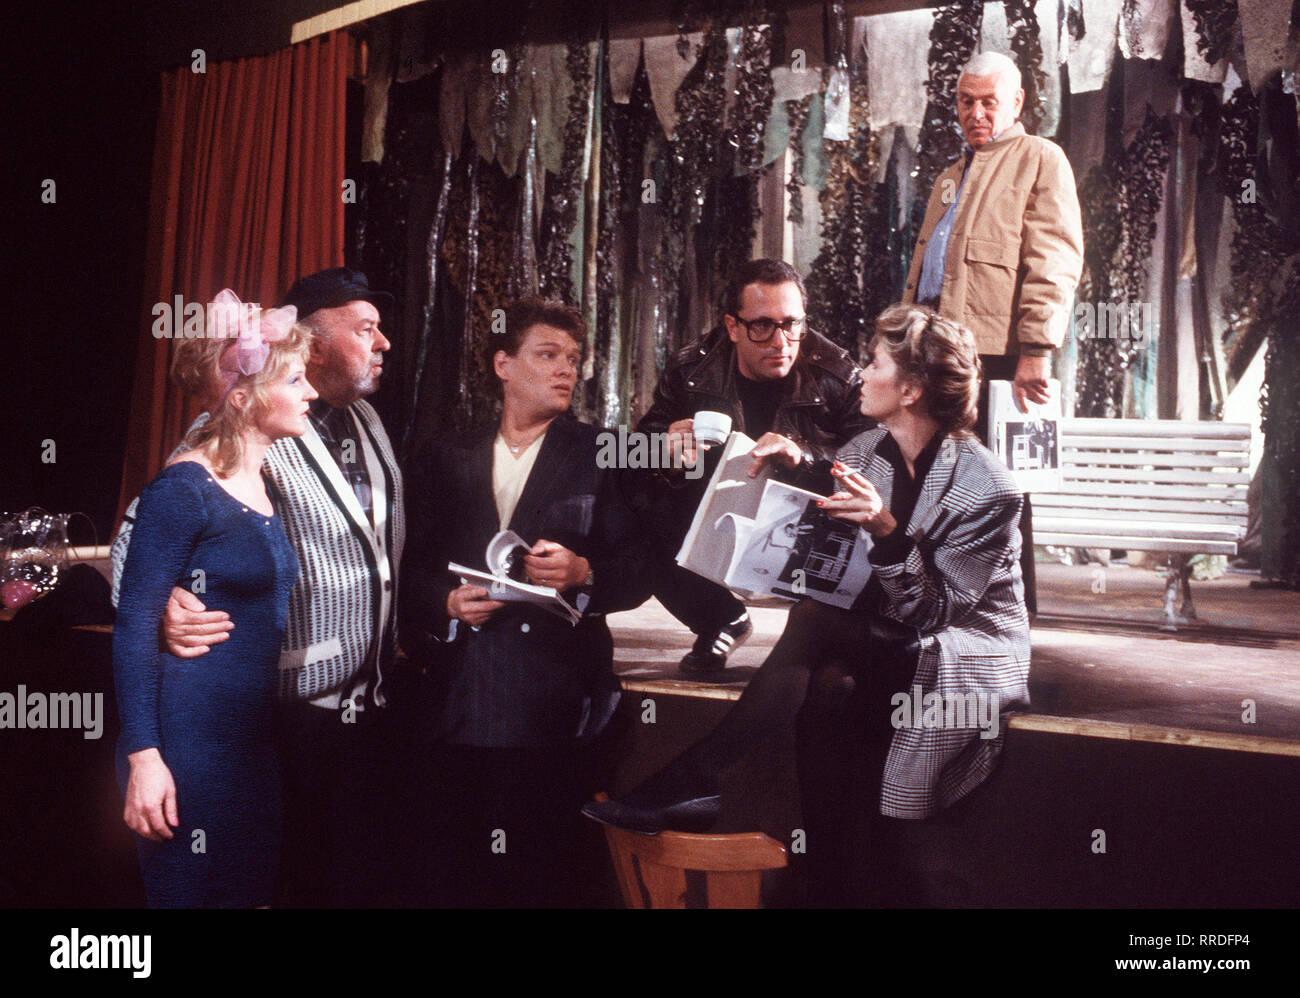 ZUR FREIHEIT Folge: Geld spielt keine Rolle Die fürchterliche Premiere des vom Hanse inszenierten Stücks hat die endgültige Wende gebracht: weg von der brotlosen Kunst zum risikolosen Kommerz. Dostojewski ist tot, es lebe der 'Jodler-Hias vom Achental' ... Foto vlnr.: Siglinde (THEKLA MAYHOFF), Kometen-Sepp (TONI BERGER), Solo (ERNST HANNAWALD), Hanse Weingartner (ROBERT GIGGENBACH), Margit (LISA KREUZER), Schwammberger (REINHOLD LAMPE). Regie: Franz Xaver Bogner 'Geld spielt keine Rolle' 19 / Überschrift: ZUR FREIHEIT - Stock Image